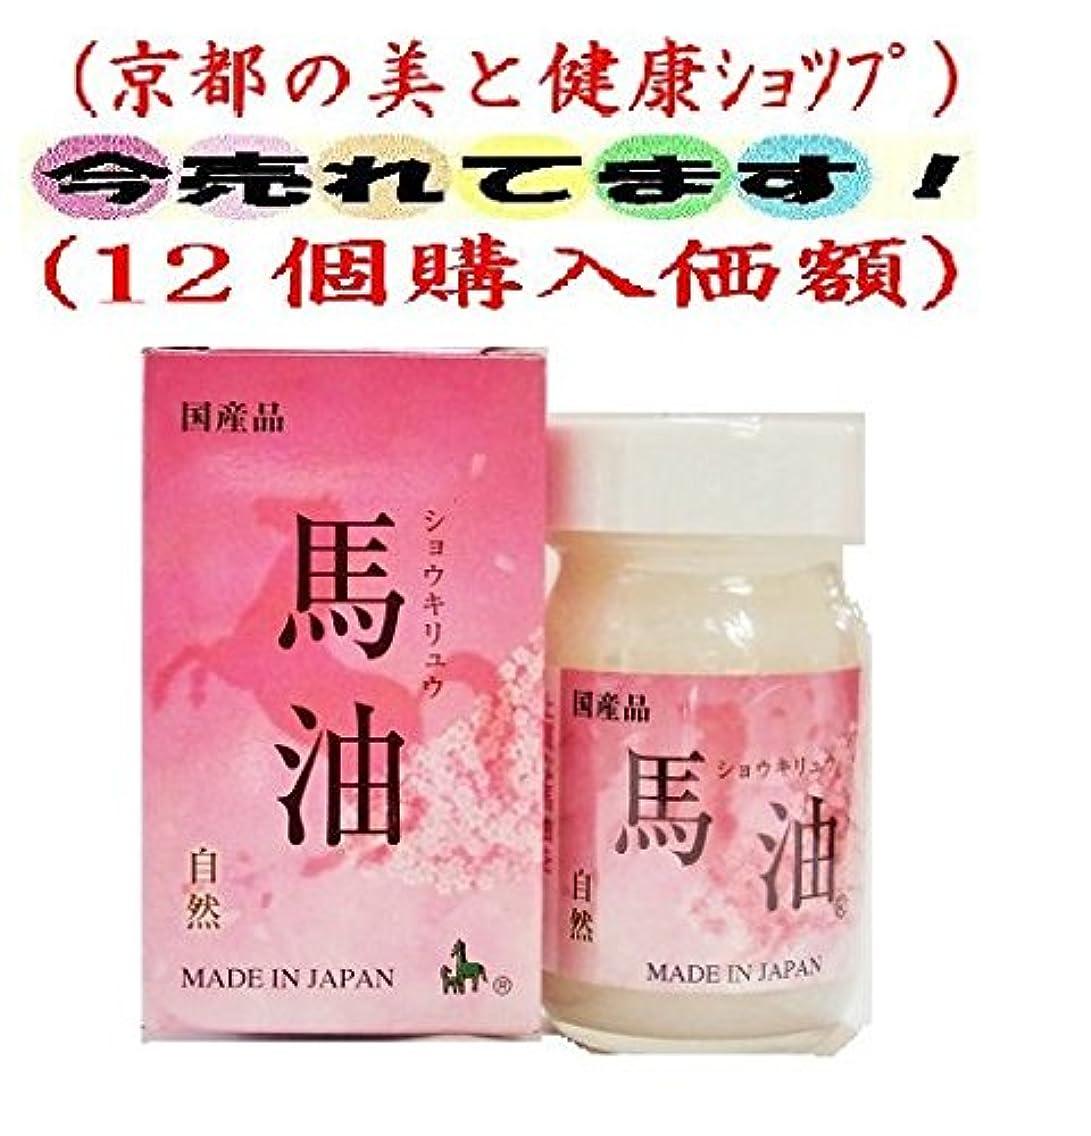 チャレンジ出血マンハッタンショウキリュウ 馬油 自然 70ml (桜 ピンク化粧箱 12個購入価額)